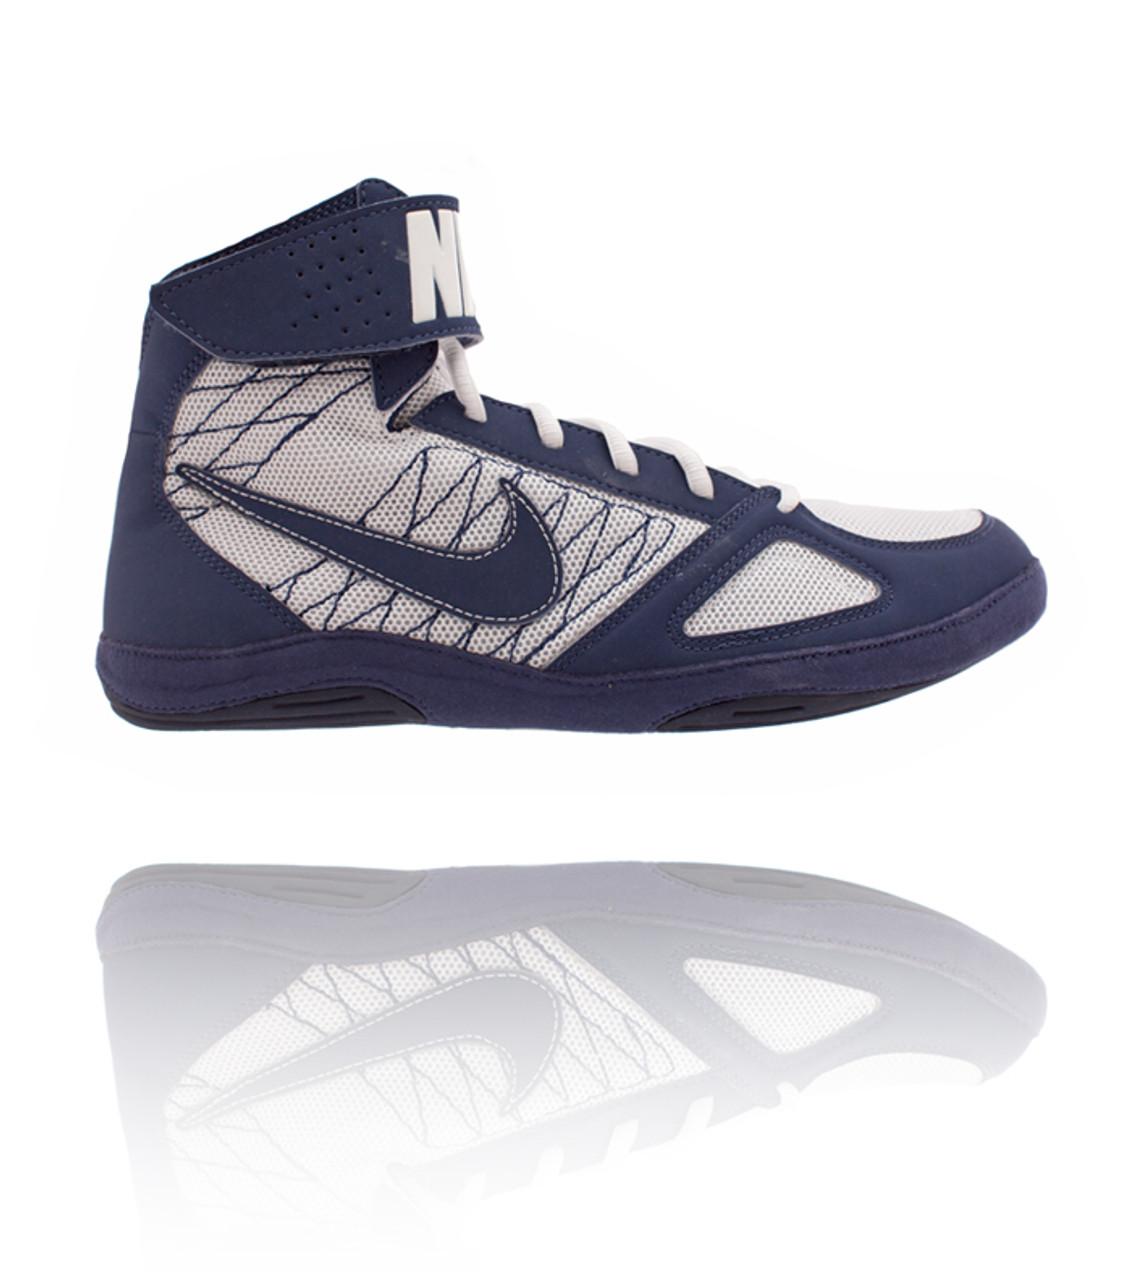 4 Takedown Takedown White Navy 4 Navy Nike Nike White pqUMSzVLG